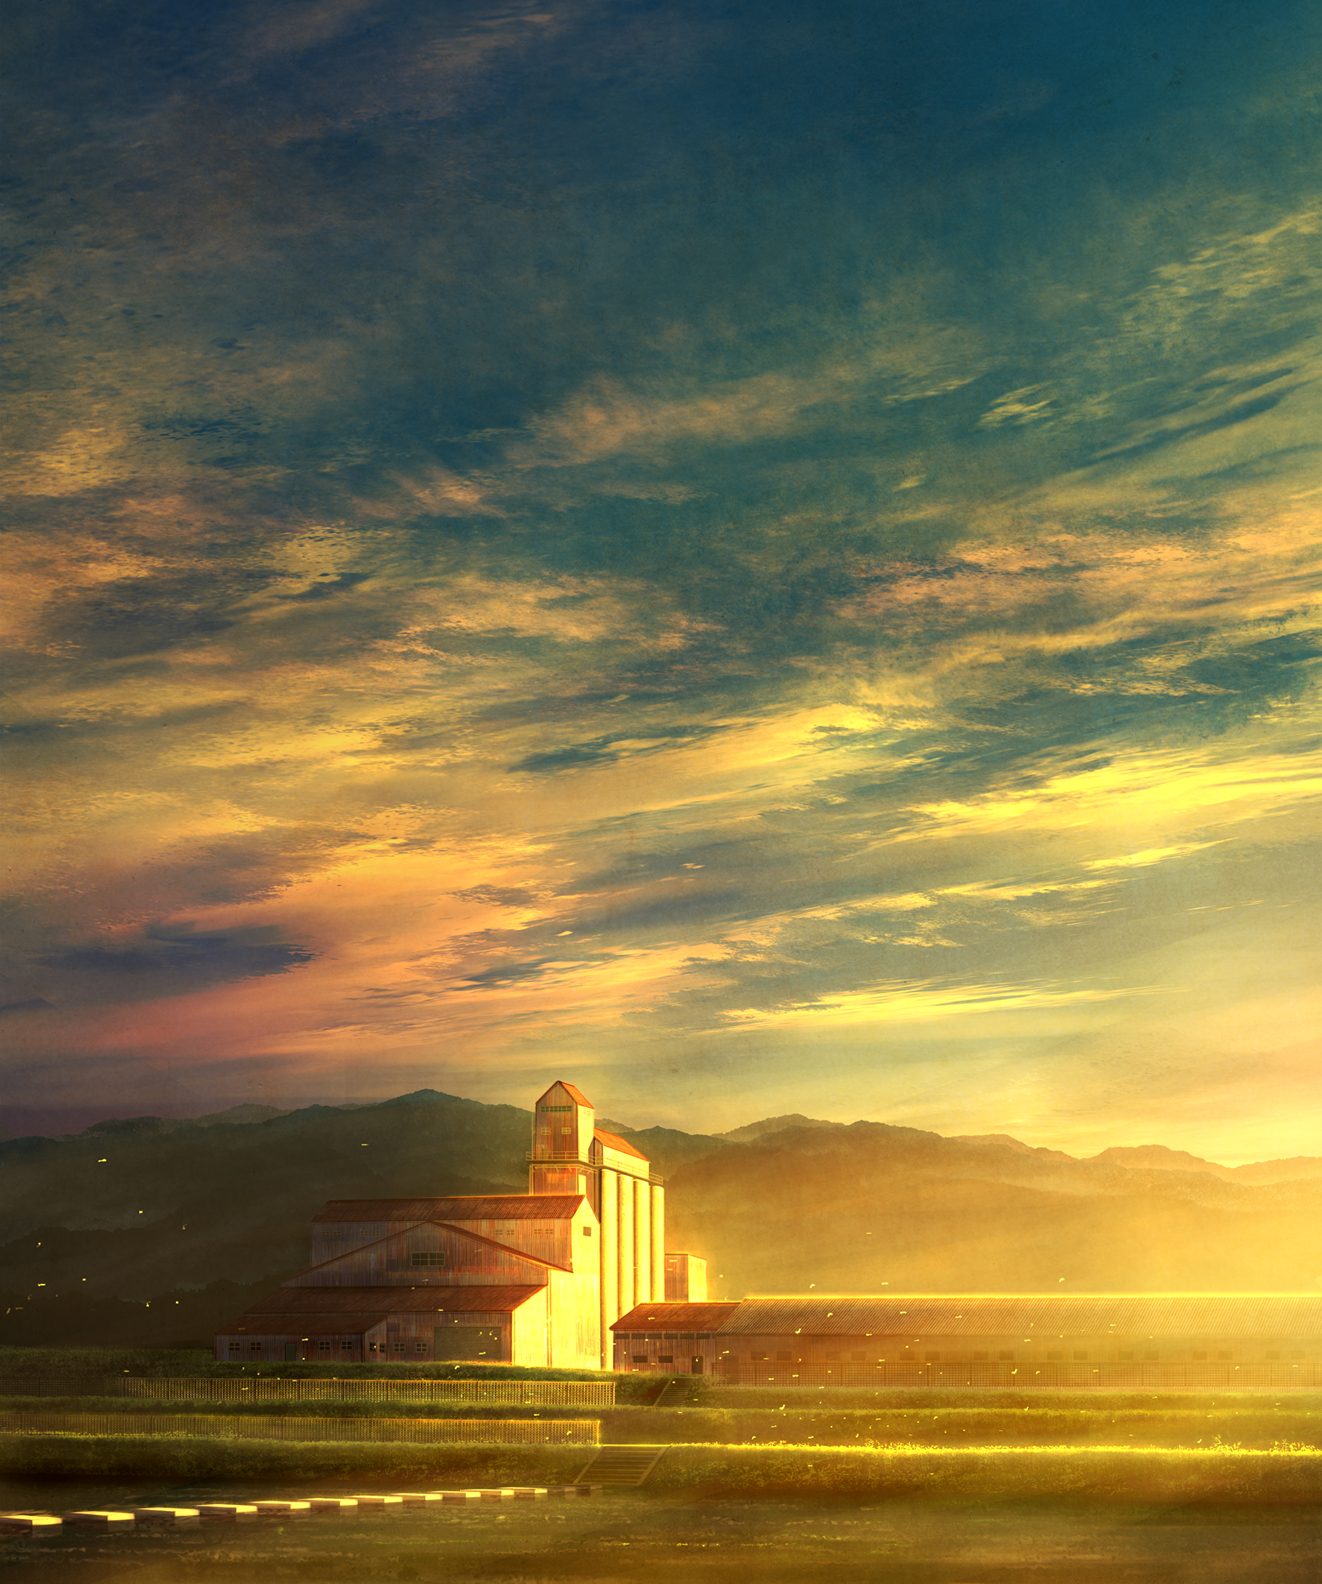 【P站画师】美丽的夕阳与星空!日本画师mks的插画作品- ACG17.COM